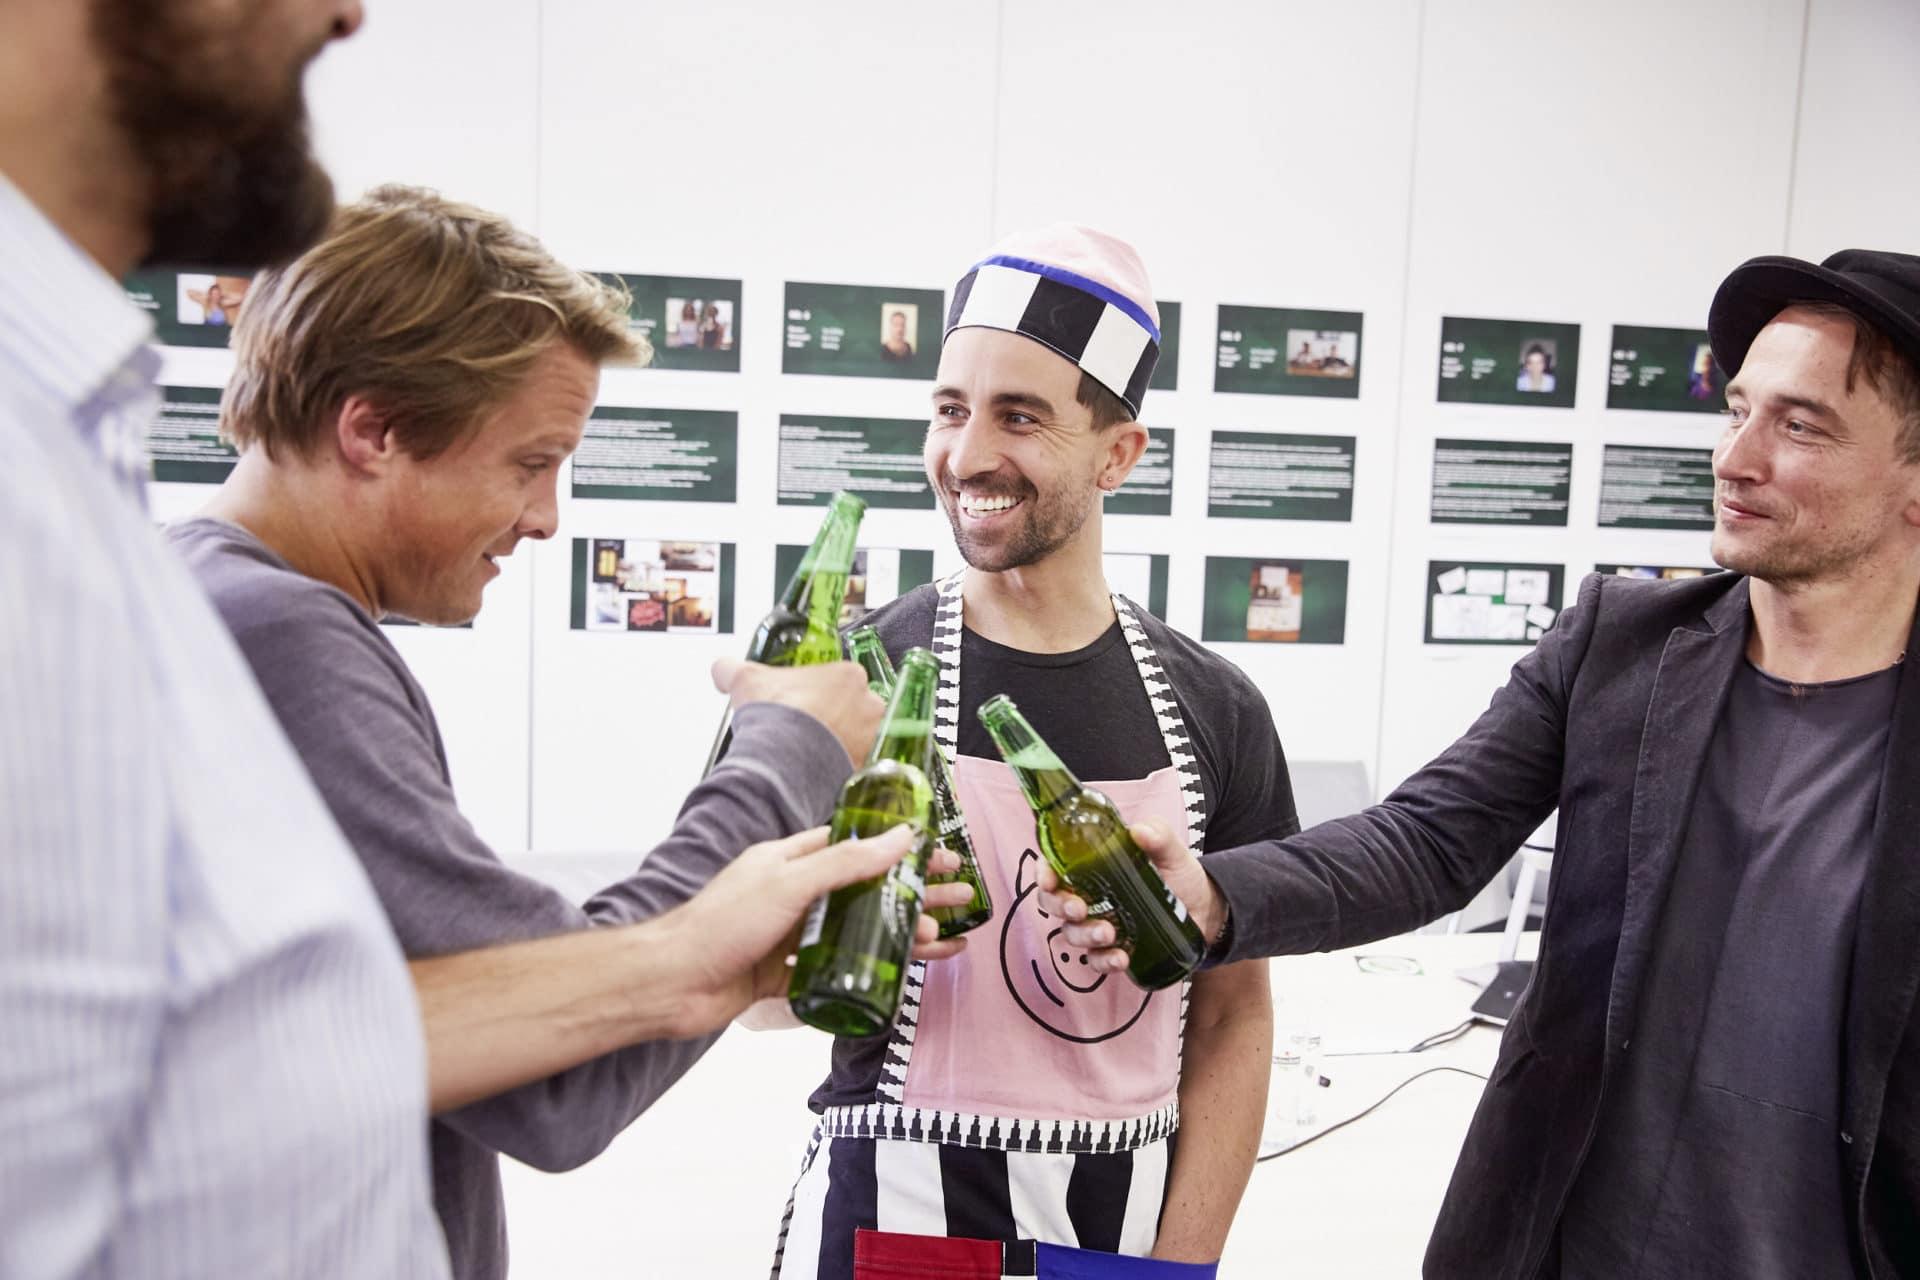 Das Gewinner-Konzept steht nun endlich fest! - copyright: Heineken / Michael Romacker